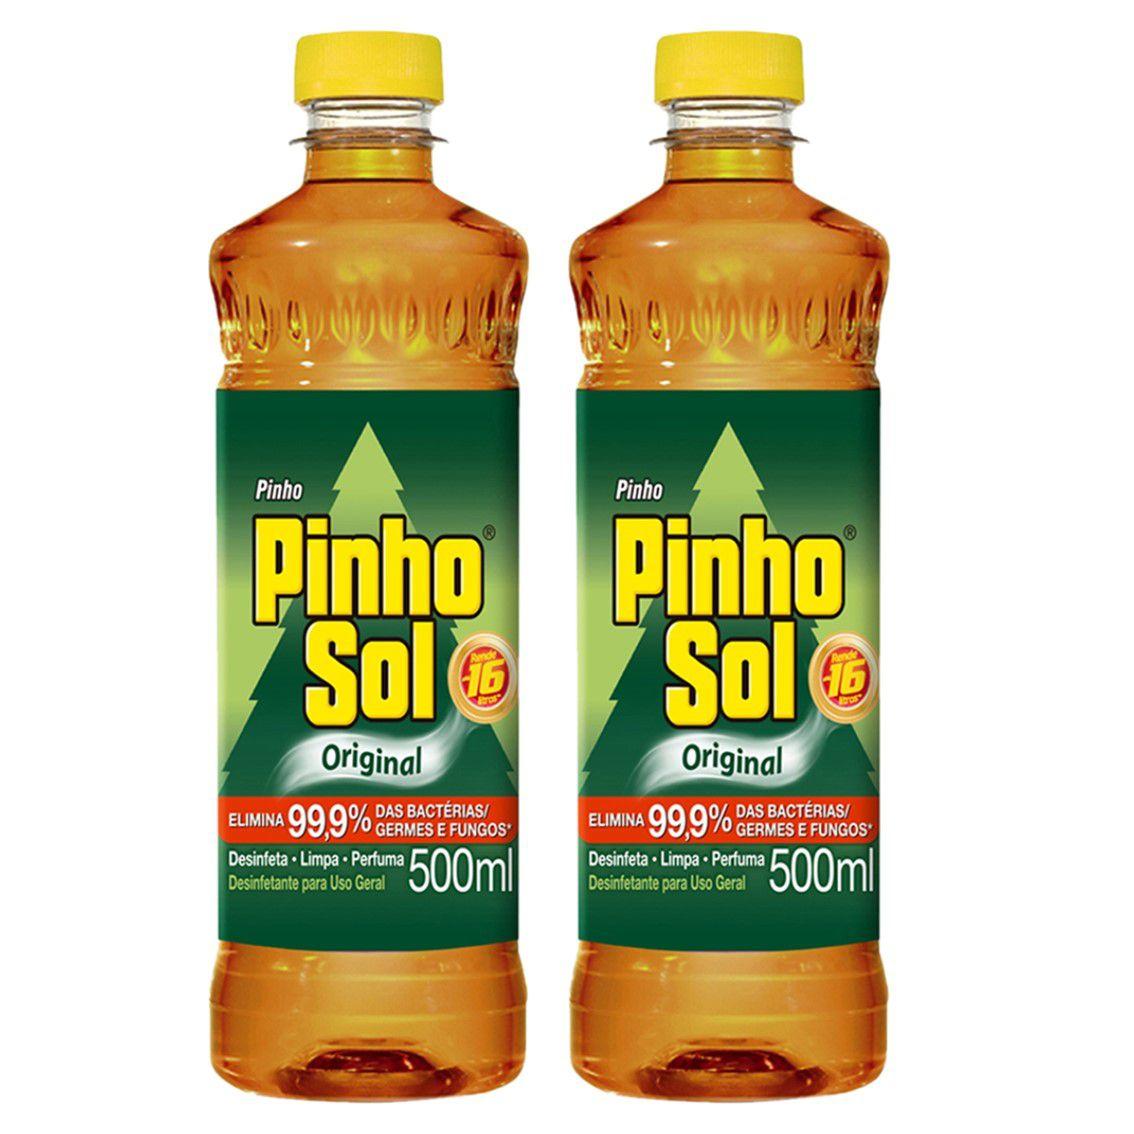 Kit com 2 Desinfetante Pinho Sol Original 500ml Cada